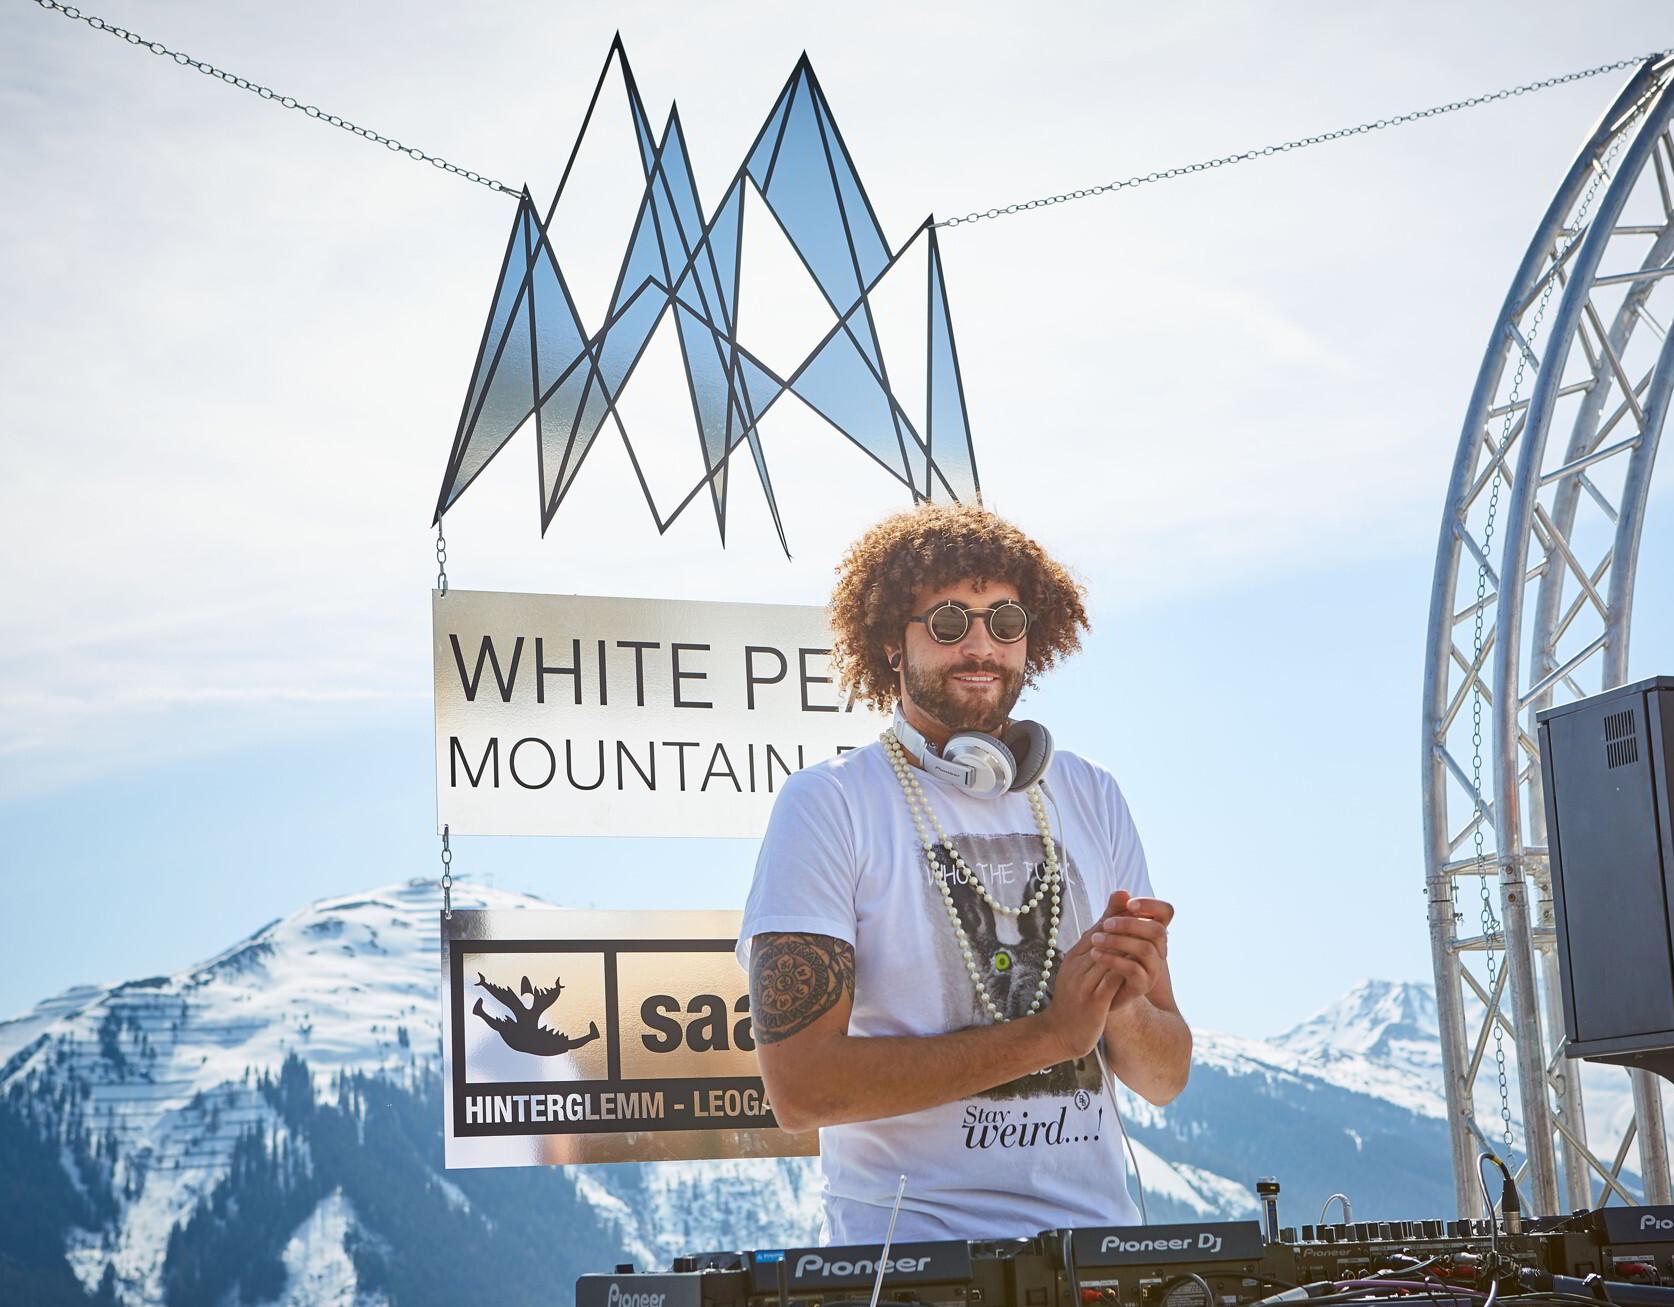 White Pearl Mountain Days